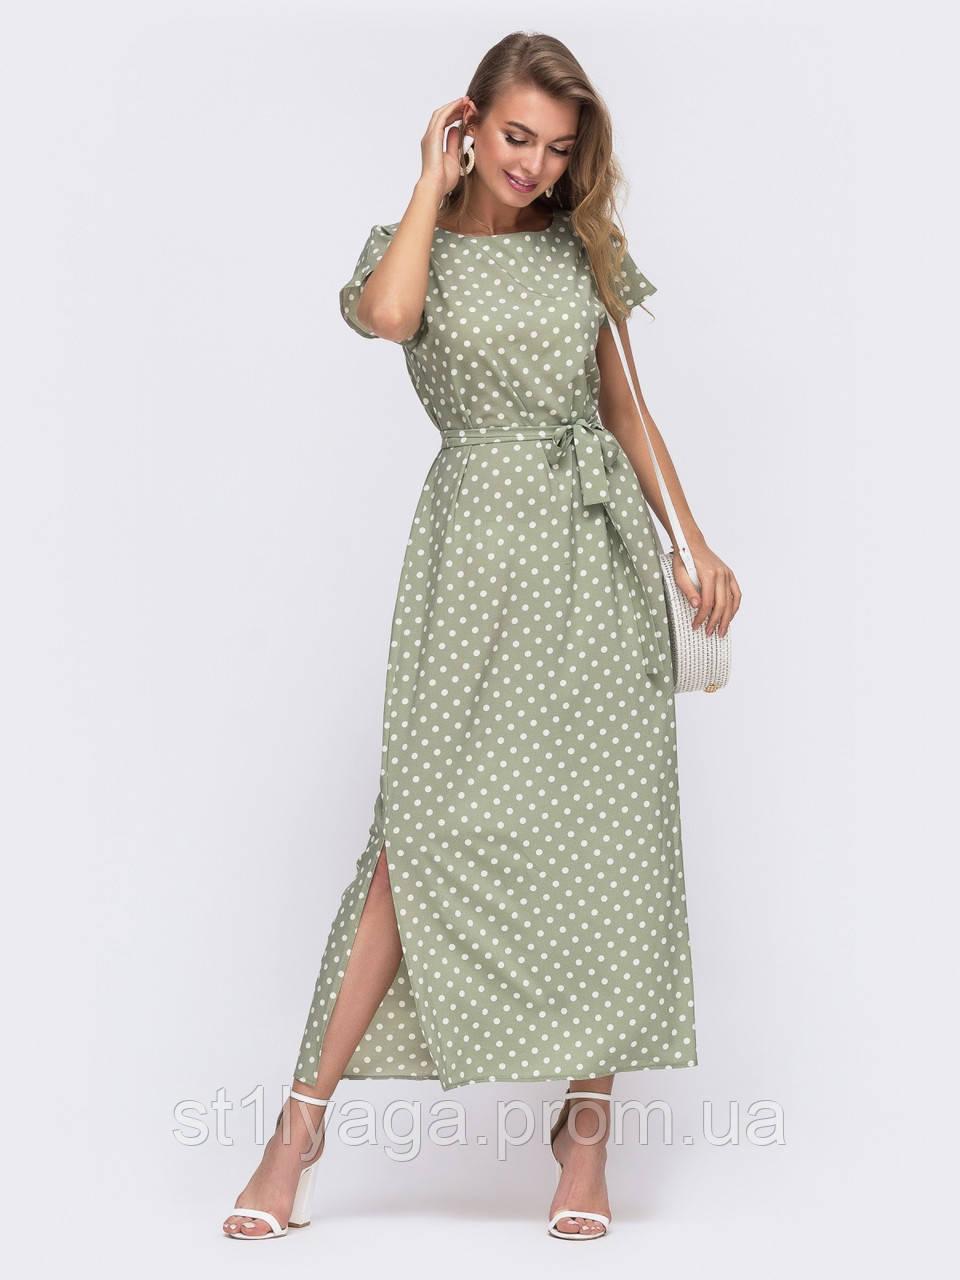 Платье-миди в горох с разрезами по бокам зеленое  ЛЕТО